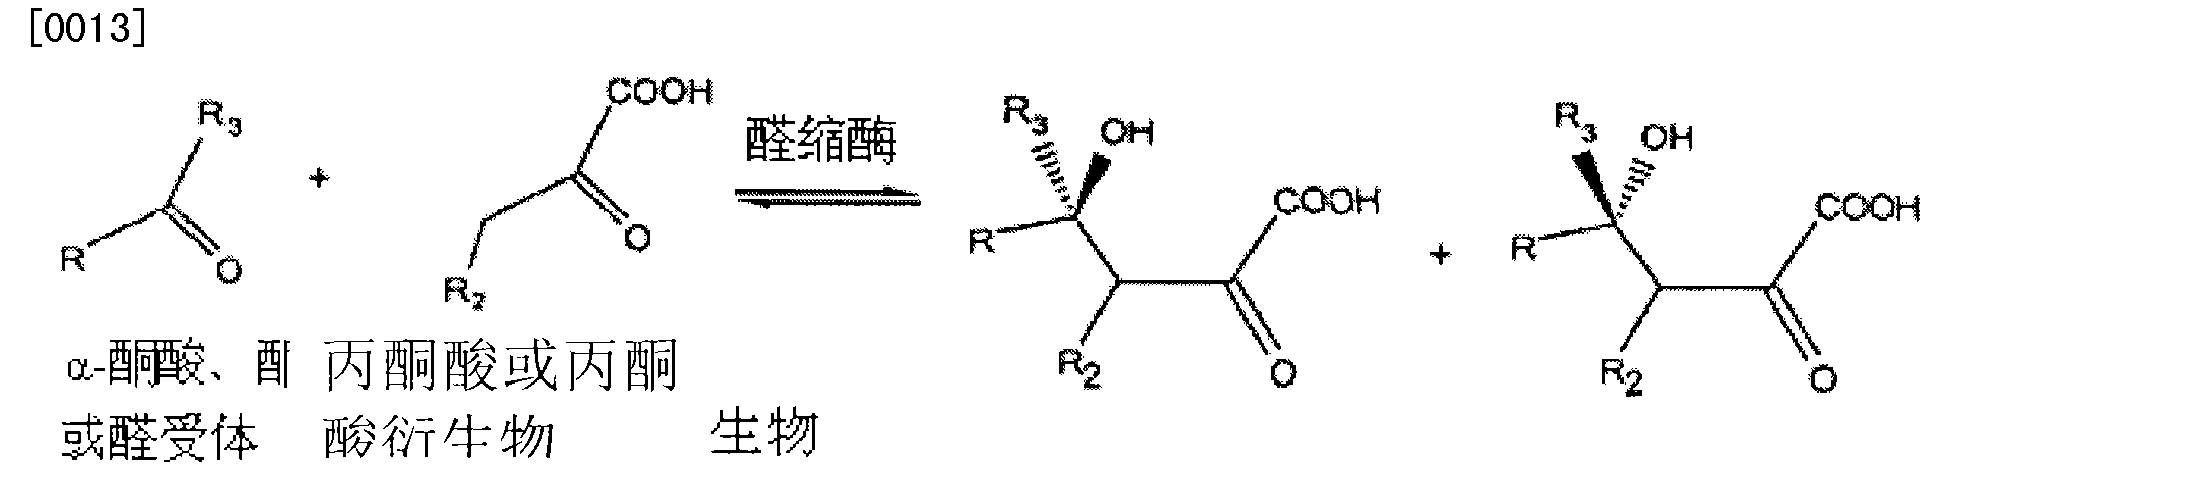 Figure CN101437954BD00041